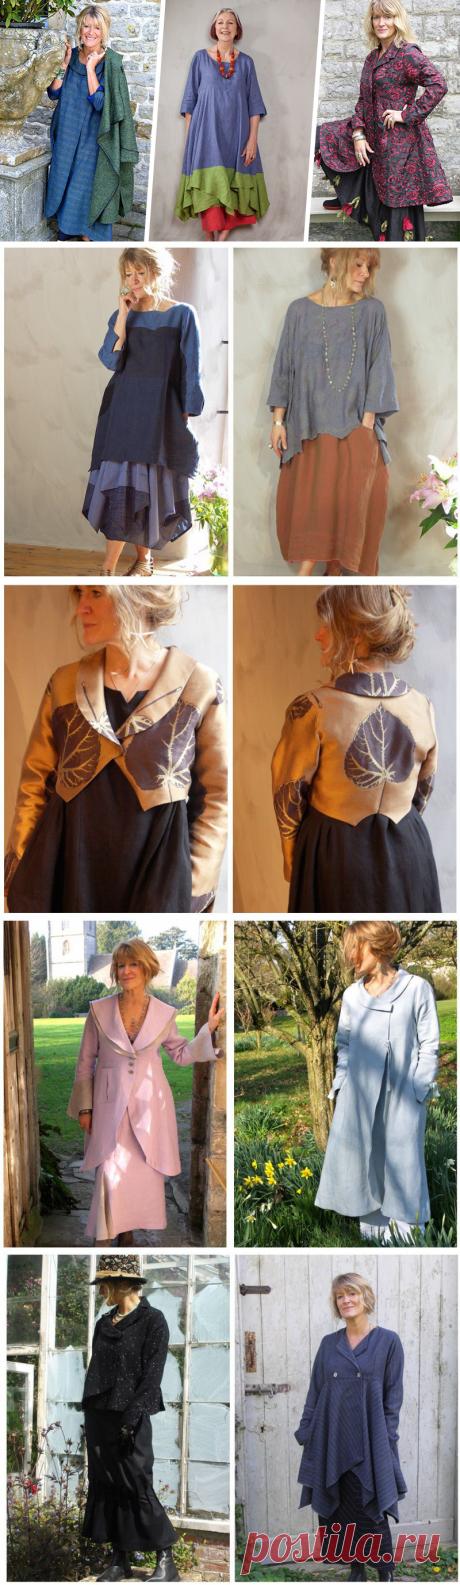 Свобода вне времени, стиль вне моды. Terry Macey и Angelika Elsebach - Ярмарка Мастеров - ручная работа, handmade